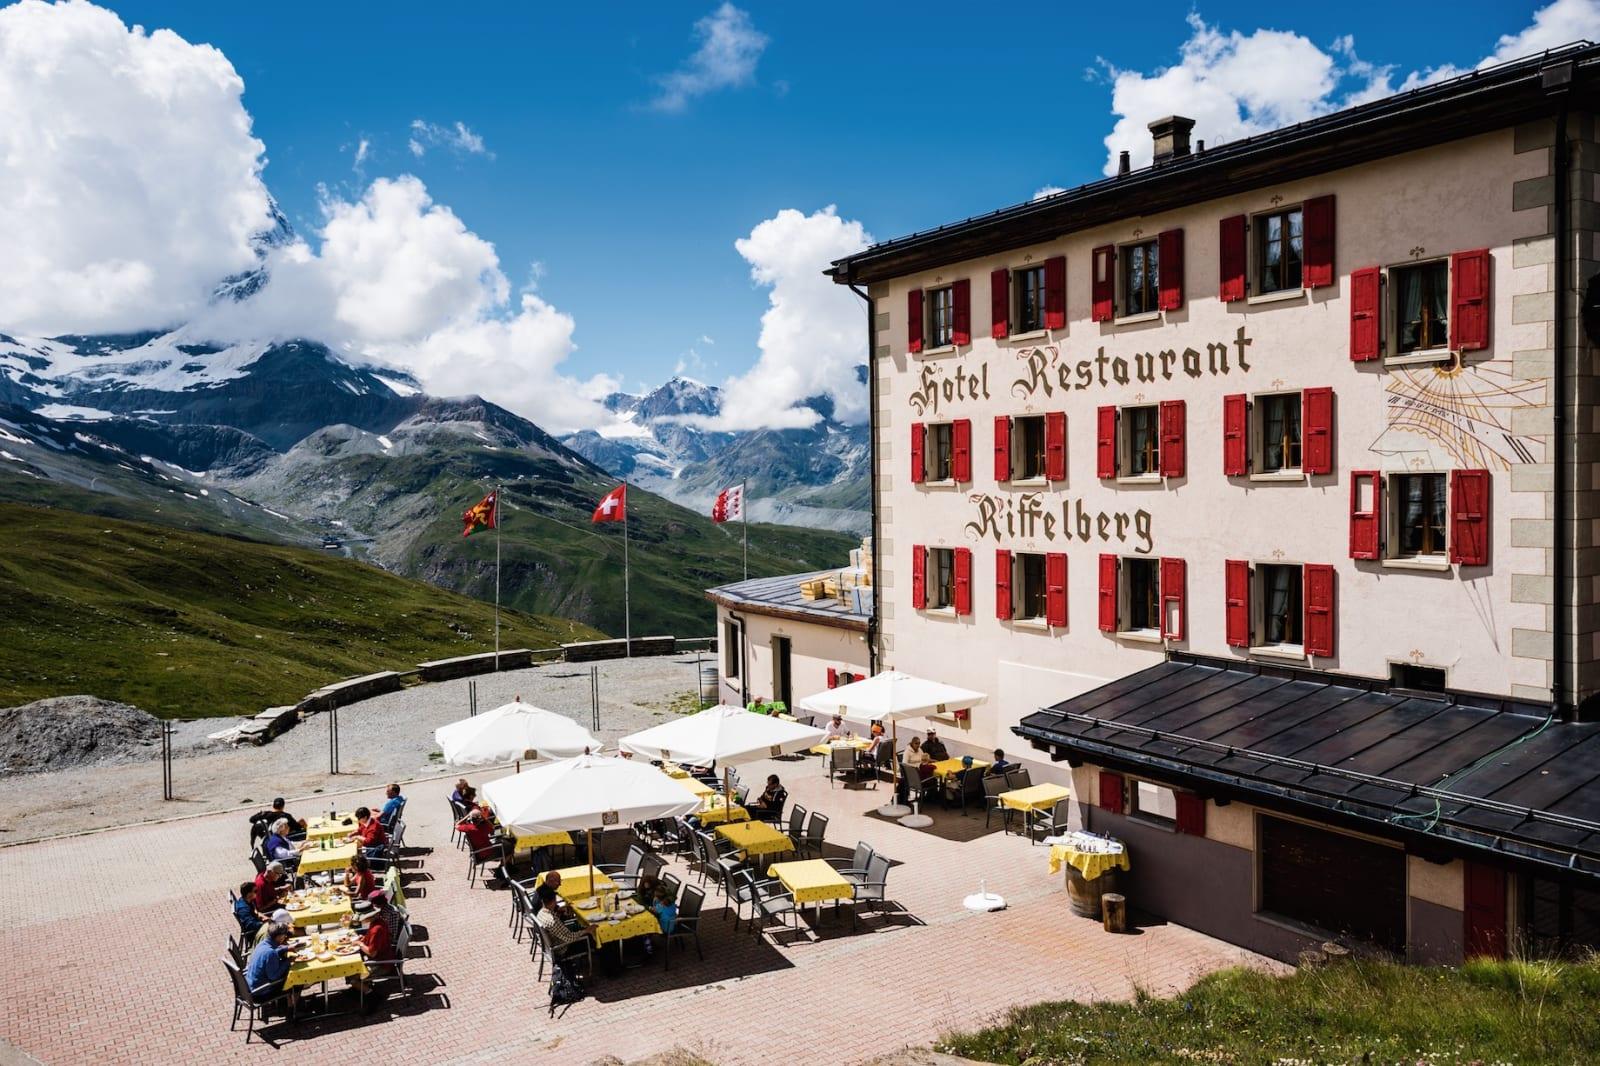 HOTELL: Anrika Hotel Riffelberg i Zermatt, vakkert beliggende med utsikt mot Matterhorn. De byttet nylig navn til opphavsnavnet Riffelhaus.